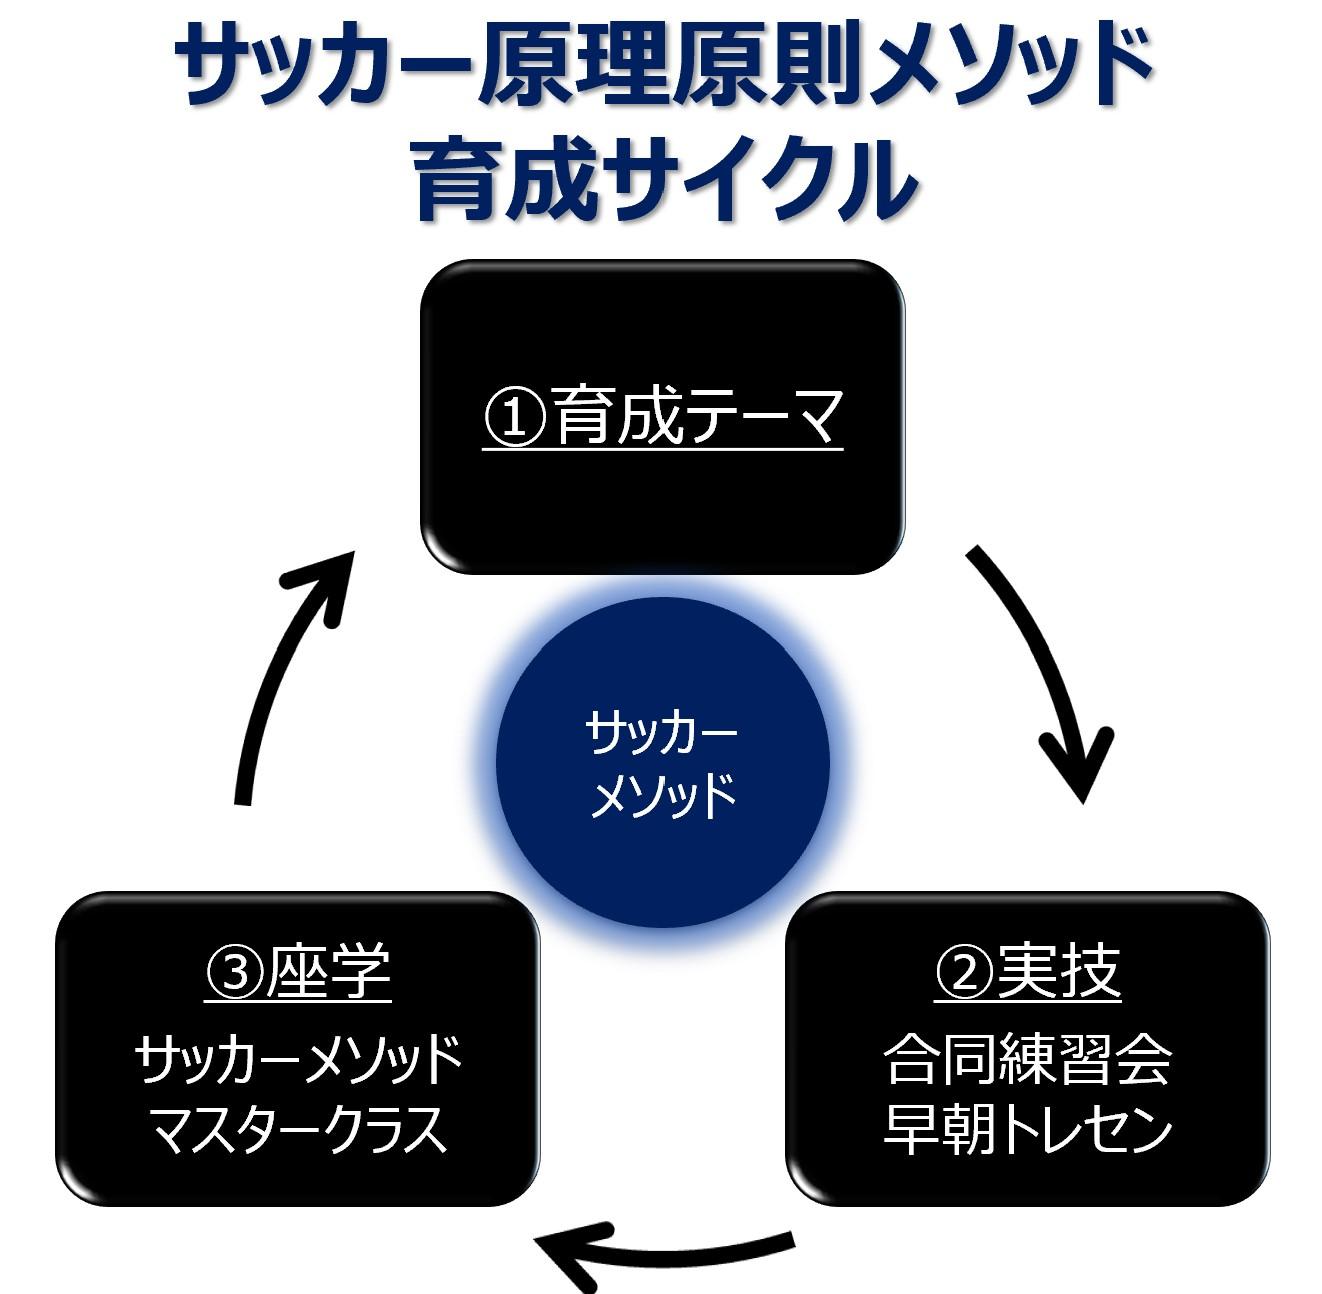 サッカー原理原則メソッド_育成サイクル